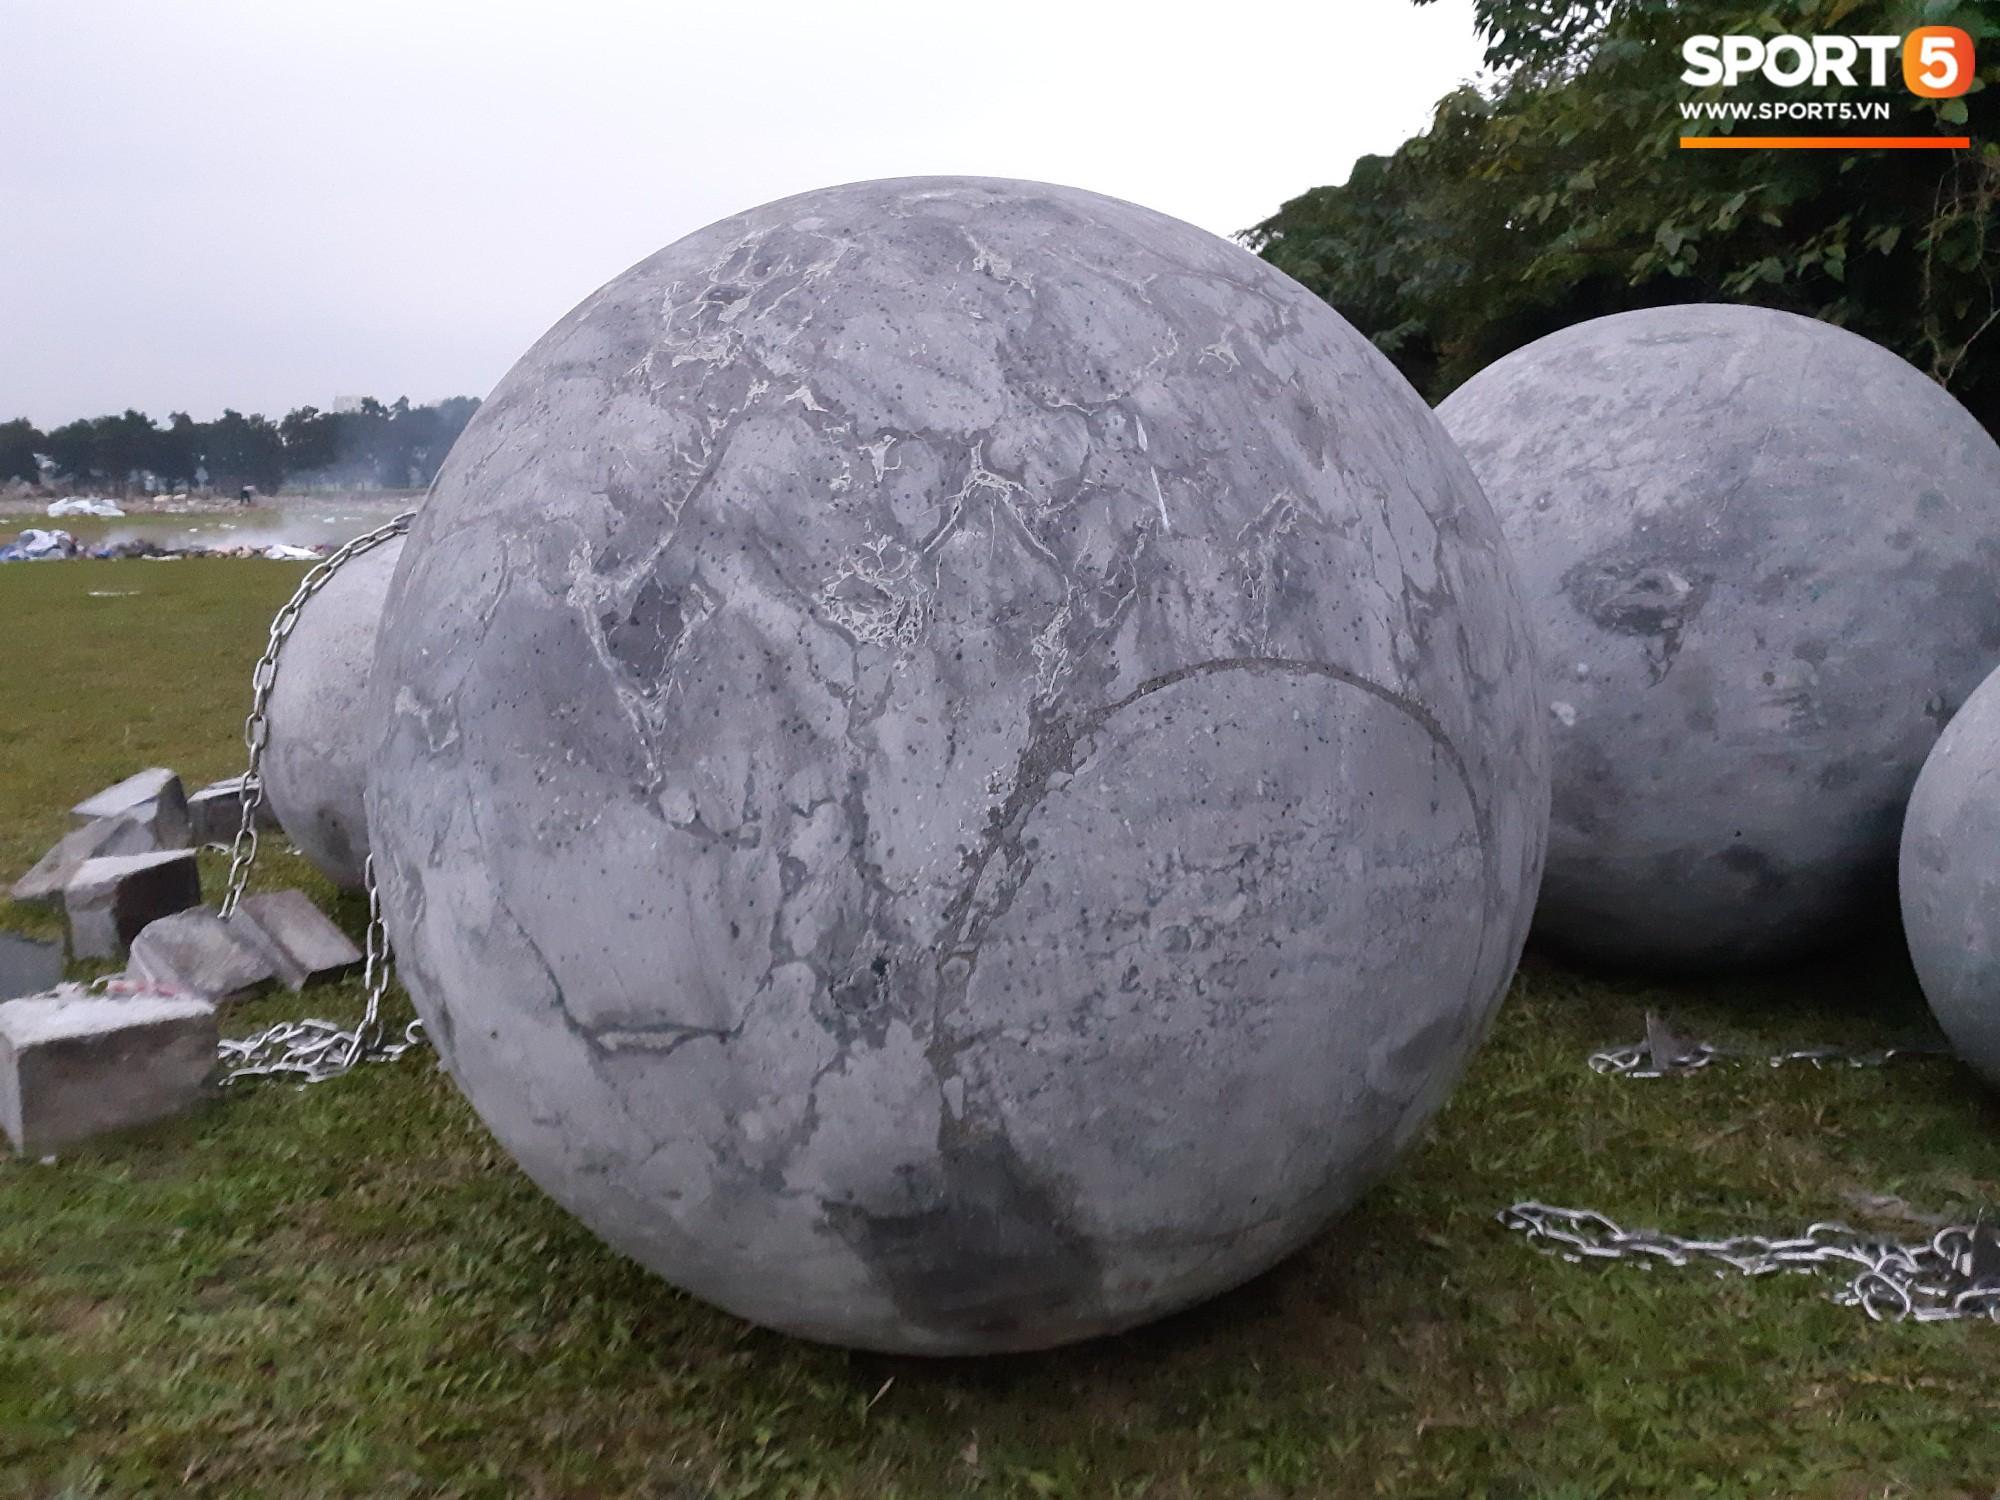 Đã tìm ra vị trí bí ẩn của 40 quả cầu đá sau khi bị di dời khỏi sân Mỹ Đình - Ảnh 8.